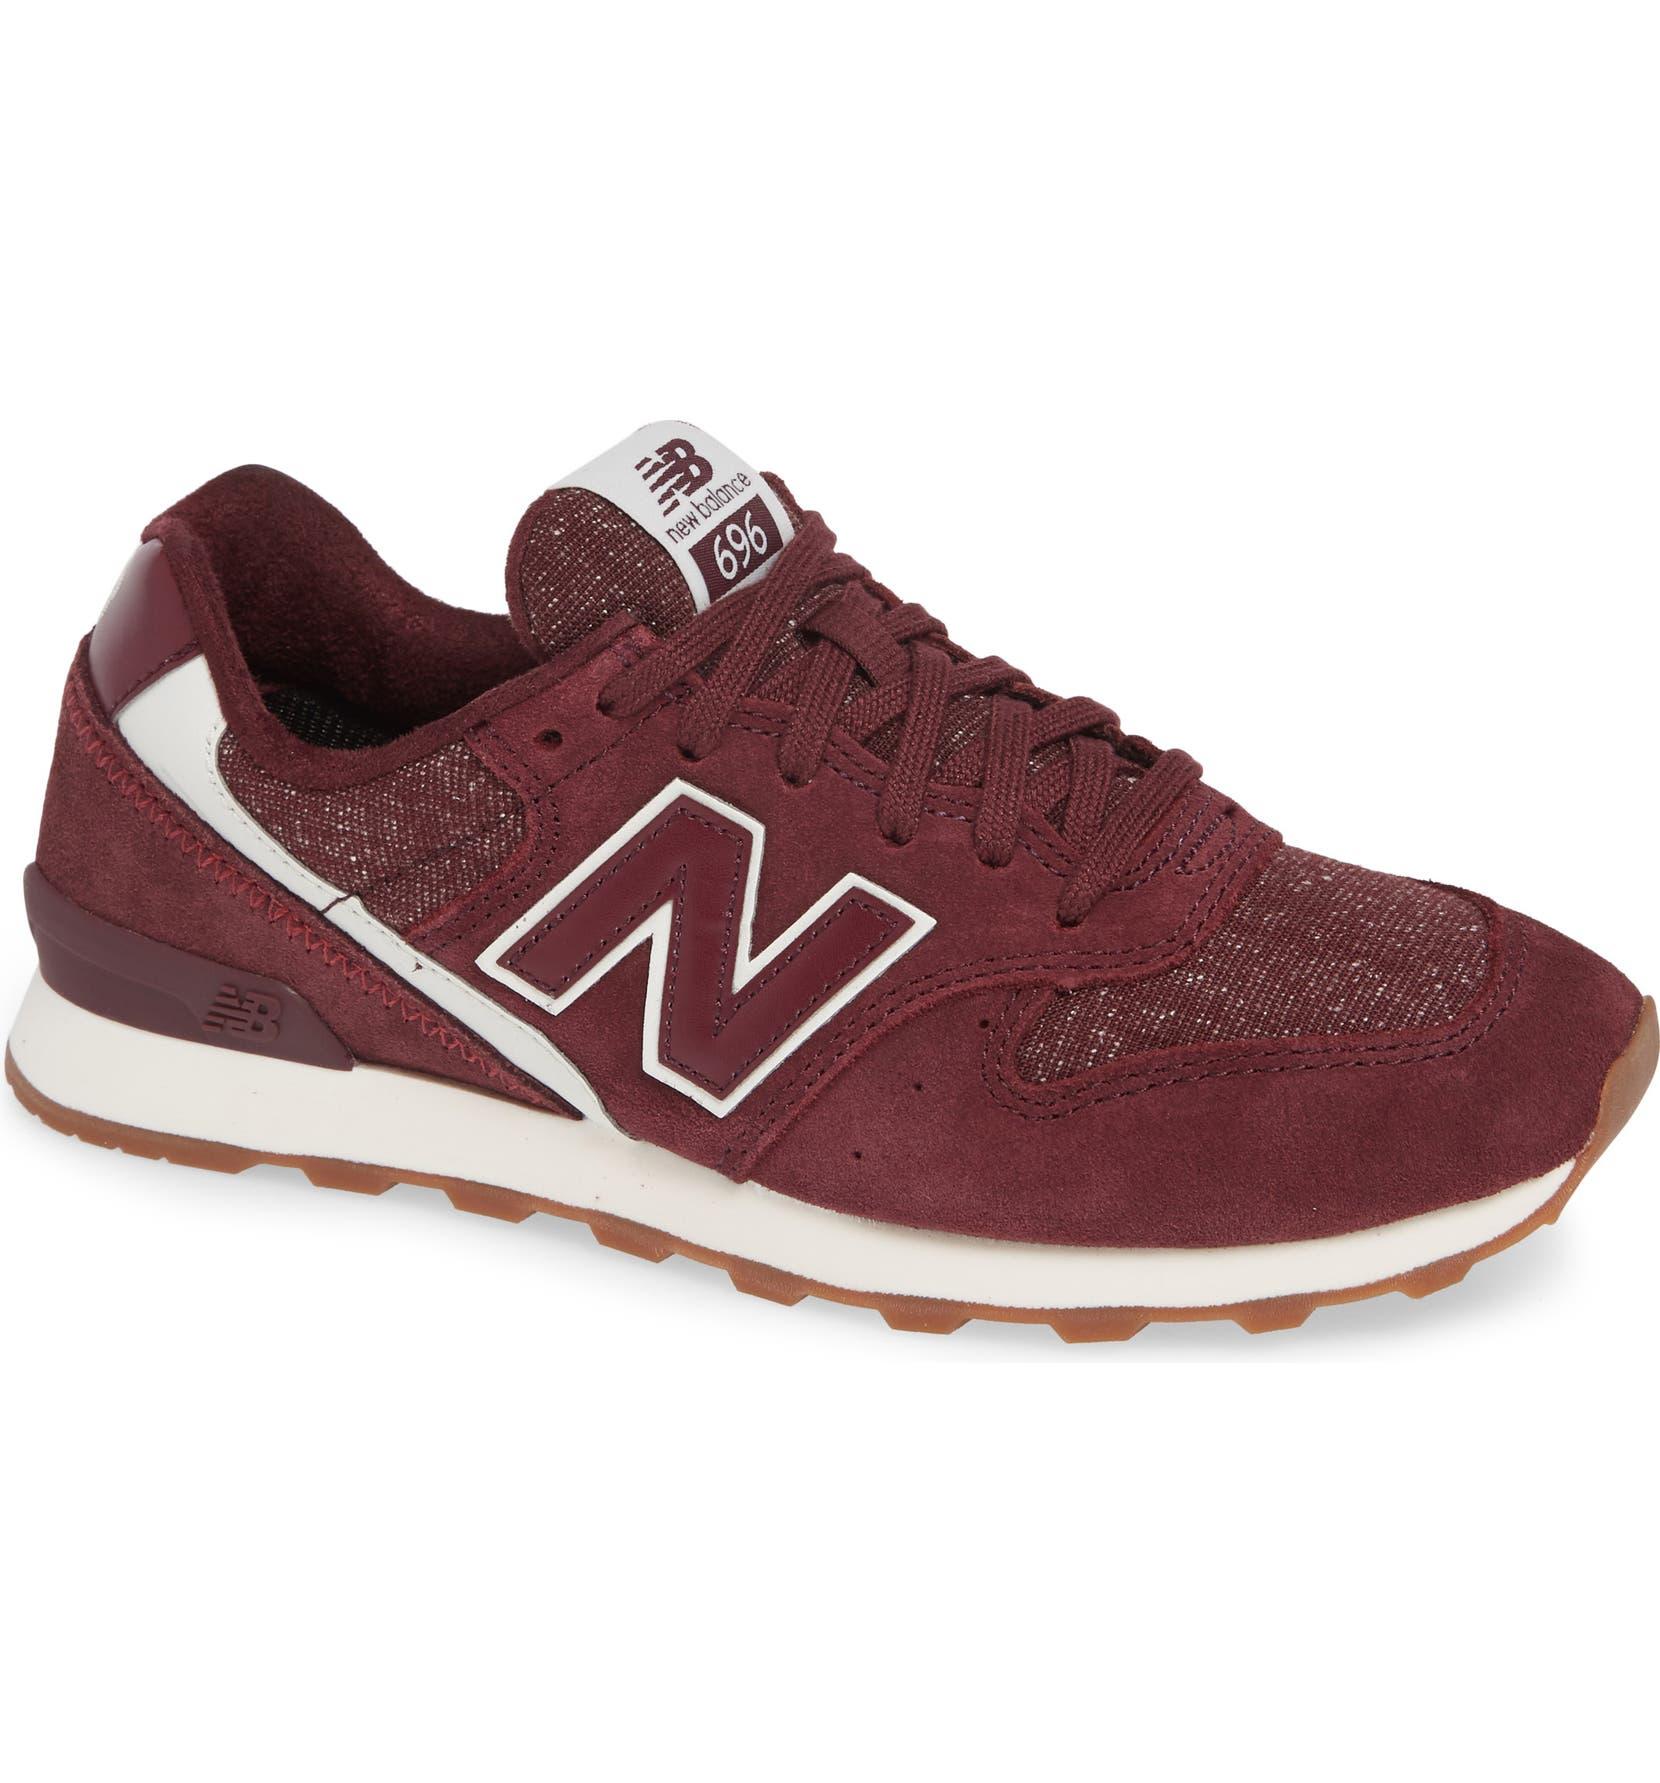 d7d38c247d34 New Balance 696 Sneaker (Women)